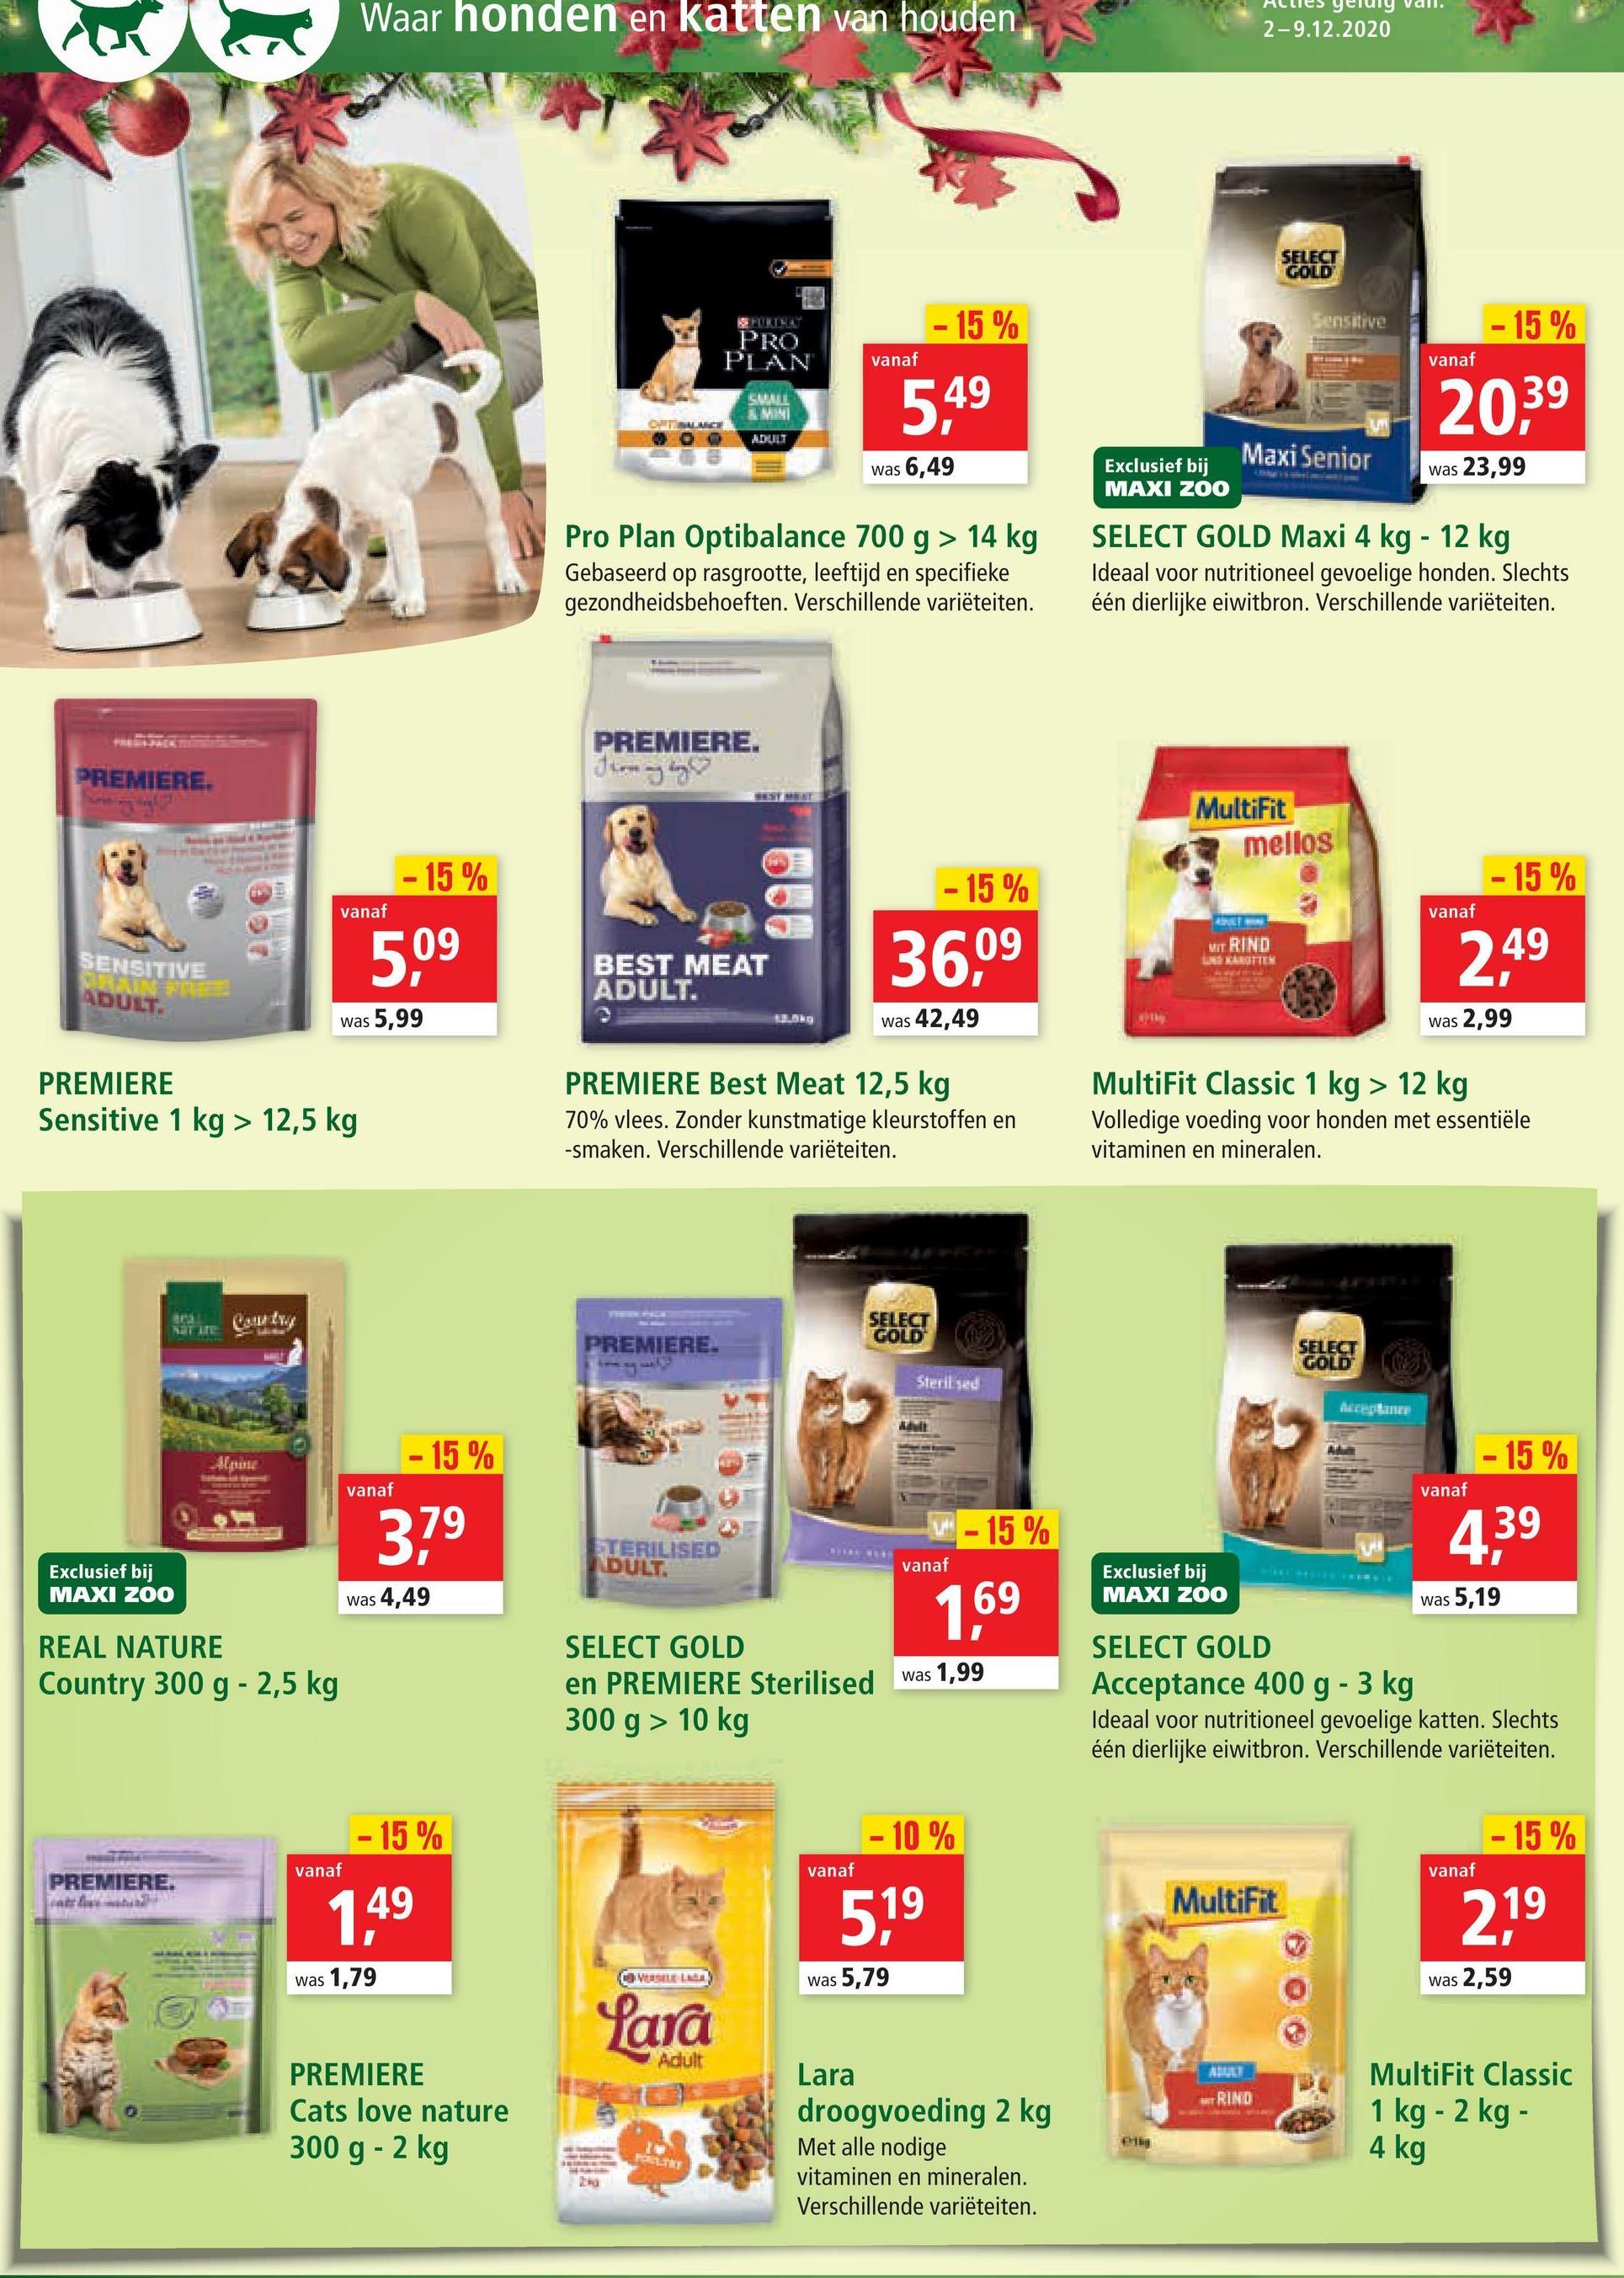 re 1 Waar honden en katten van houden 2-9.12.2020 SELECT GOLD - 15 % Sensitive - 15 % PRO PLAN vanaf vanaf SMALL AN 5,49 20,39 DURCH was 6,49 Maxi Senior Exclusief bij MAXI ZOO was 23,99 Pro Plan Optibalance 700 g > 14 kg Gebaseerd op rasgrootte, leeftijd en specifieke gezondheidsbehoeften. Verschillende variëteiten. SELECT GOLD Maxi 4 kg - 12 kg Ideaal voor nutritioneel gevoelige honden. Slechts één dierlijke eiwitbron. Verschillende variëteiten. TE PREMIERE. Thongly ? PREMIERE. MultiFit mellos - 15 % -15% - 15 % vanaf vanaf SENSITIVE MIT RIND 5,09 BEST MEAT ADULT. 36,09 TEM 2,49 ADULT. was 5,99 was 42,49 was 2,99 PREM ERE Sensitive 1 kg > 12,5 kg PRE ERI st Meat 12,5 kg 70% vlees. Zonder kunstmatige kleurstoffen en -smaken. Verschillende variëteiten. tiFit Classic 1 kg > 12 kg Volledige voeding voor honden met essentiële vitaminen en mineralen. NGIT LE SELECT GOLD PREMIERE. SELECT GOLD Steril se - 15% - 15% vanaf vanaf 379 IF - 15 % LTERILISED DULT. 439 vanaf Exclusief bij MAXI ZOO Exclusief bij MAXI ZOO was 4,49 169 was 5,19 REAL NATURE Country 300 g - 2,5 kg SELECT GOLD en PREMIERE Sterilised 300 g > 10 kg was 1,99 SELECT GOLD Acceptance 400 g - 3 kg Ideaal voor nutritioneel gevoelige katten. Slechts één dierlijke eiwitbron. Verschillende variëteiten. - 15 % - 10 % - 15 % vanaf vanaf vanaf PREMIERE. 1.49 MultiFit 519 219 was 1,79 VESELLER was 5,79 was 2,59 Lara RIND PREMIERE Cats love nature 300 g - 2 kg Lara droogvoeding 2 kg Met alle nodige vitaminen en mineralen. Verschillende variëteiten. MultiFit Classic 1 kg - 2 kg - 4 kg PELIT